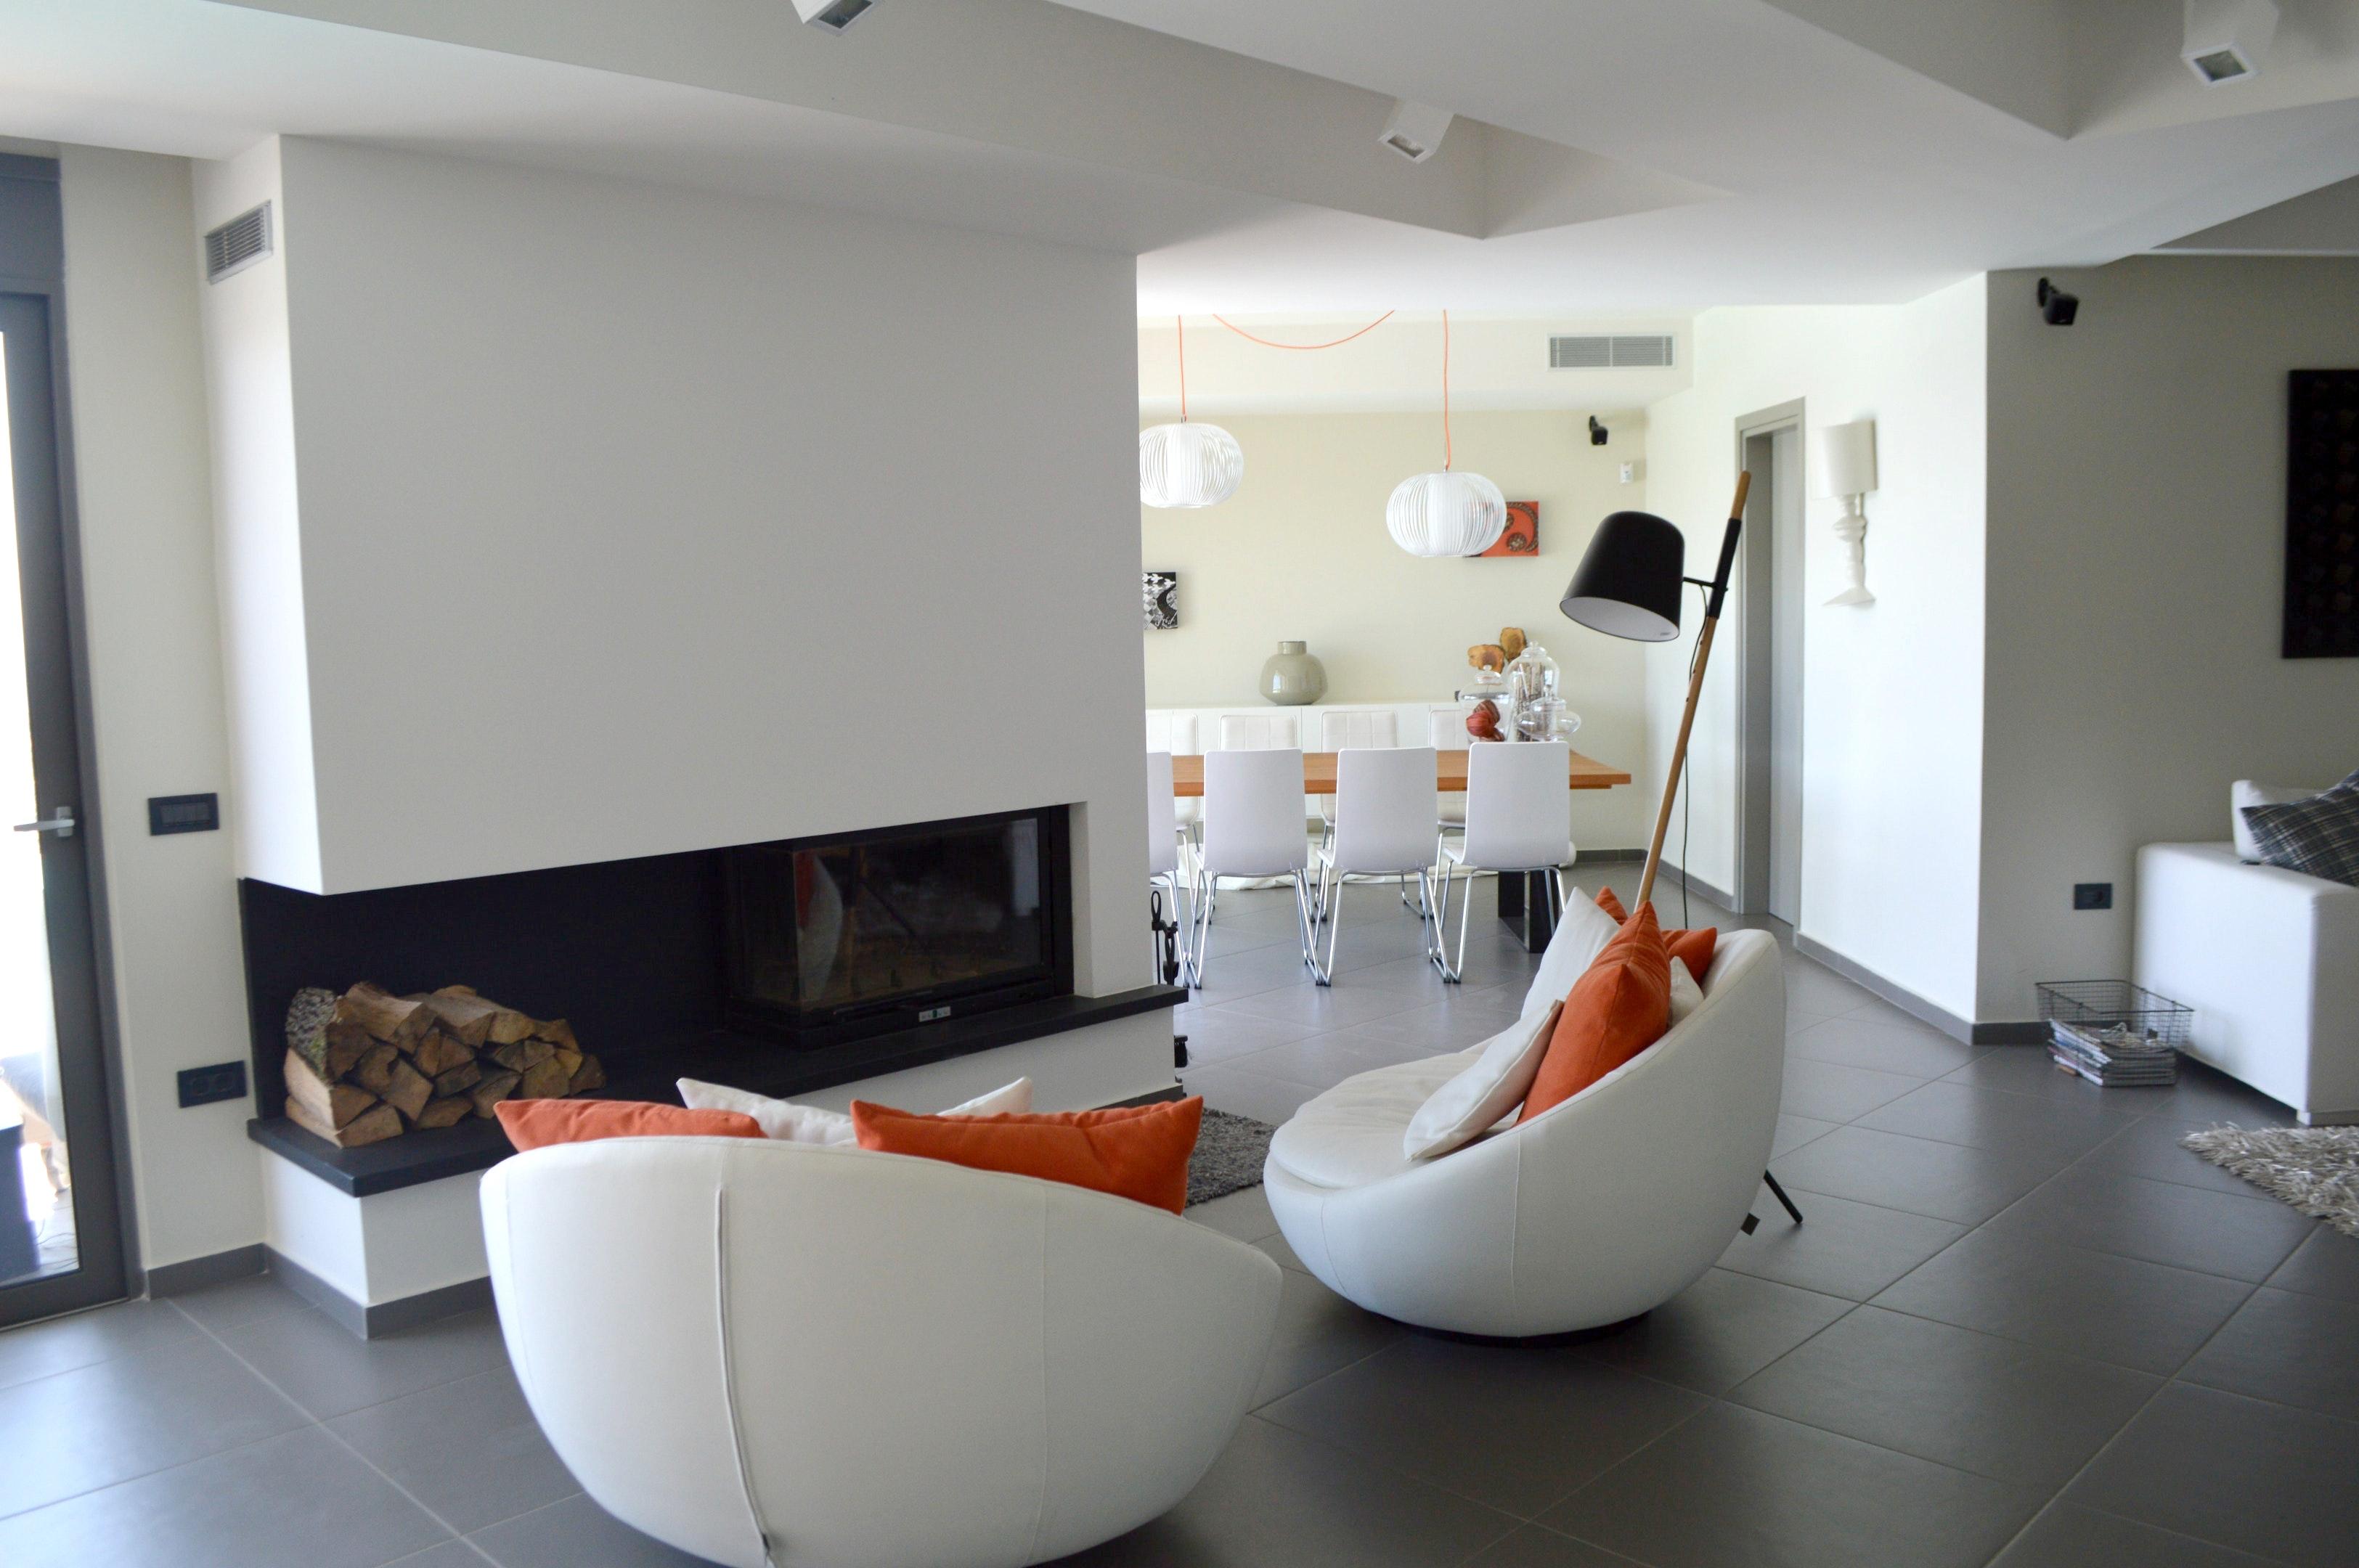 Maison de vacances Villa mit 4 Schlafzimmern in Anavissos mit herrlichem Meerblick, privatem Pool, eingezäunt (2339408), Thimari, , Attique, Grèce, image 3